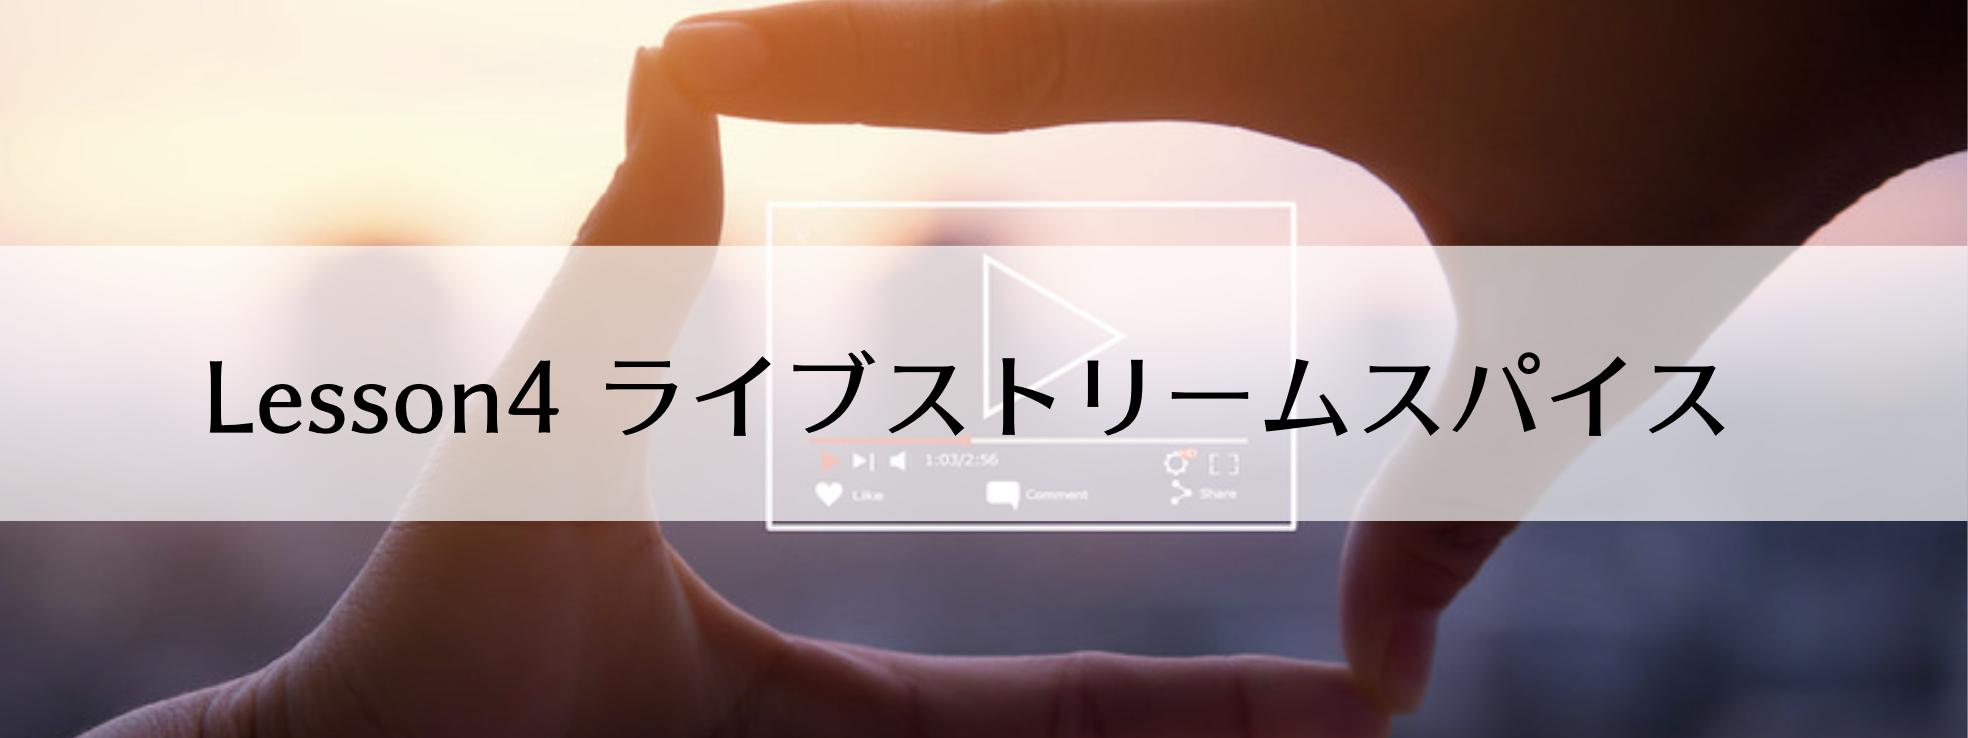 スクリーンショット 2020-10-02 10.41.28